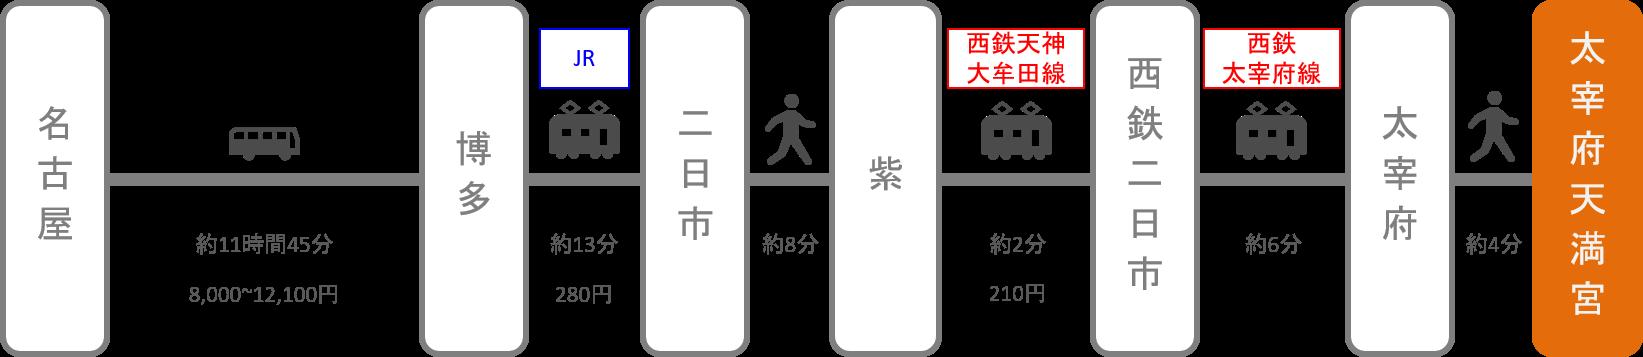 太宰府天満宮_名古屋(愛知)_高速バス